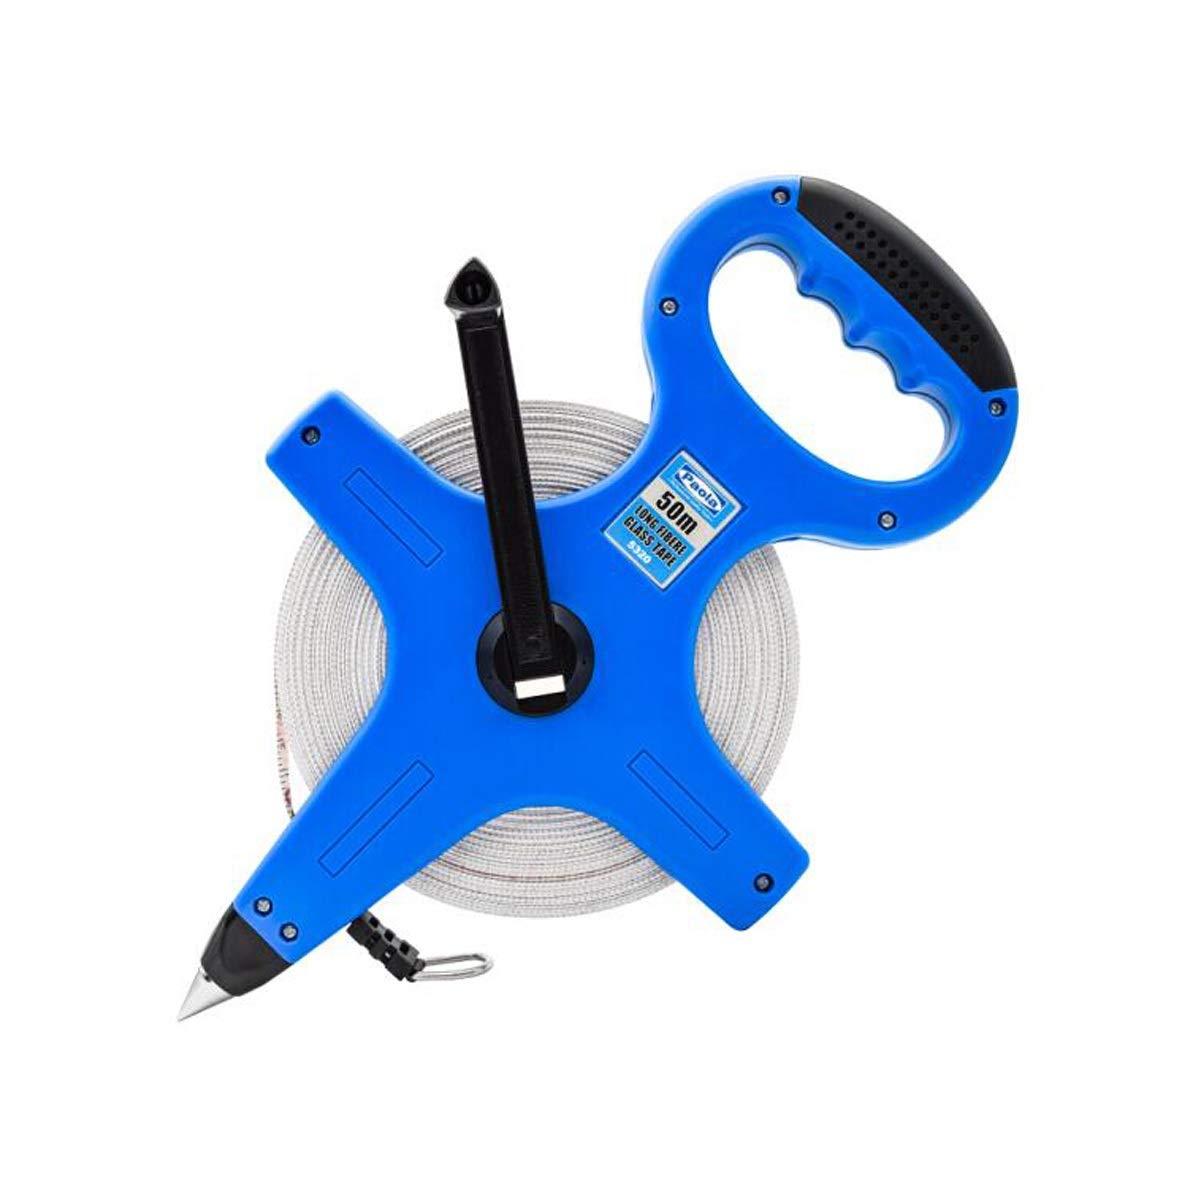 SHENGSHIHUIZHONG Ruler, 50m Portable Tape Measure Tape Measure Soft Ruler Ruler Playground Ruler Civil Engineering Measurement Shelf Ruler (Color : Blue, Size : 50m) by SHENGSHIHUIZHONG